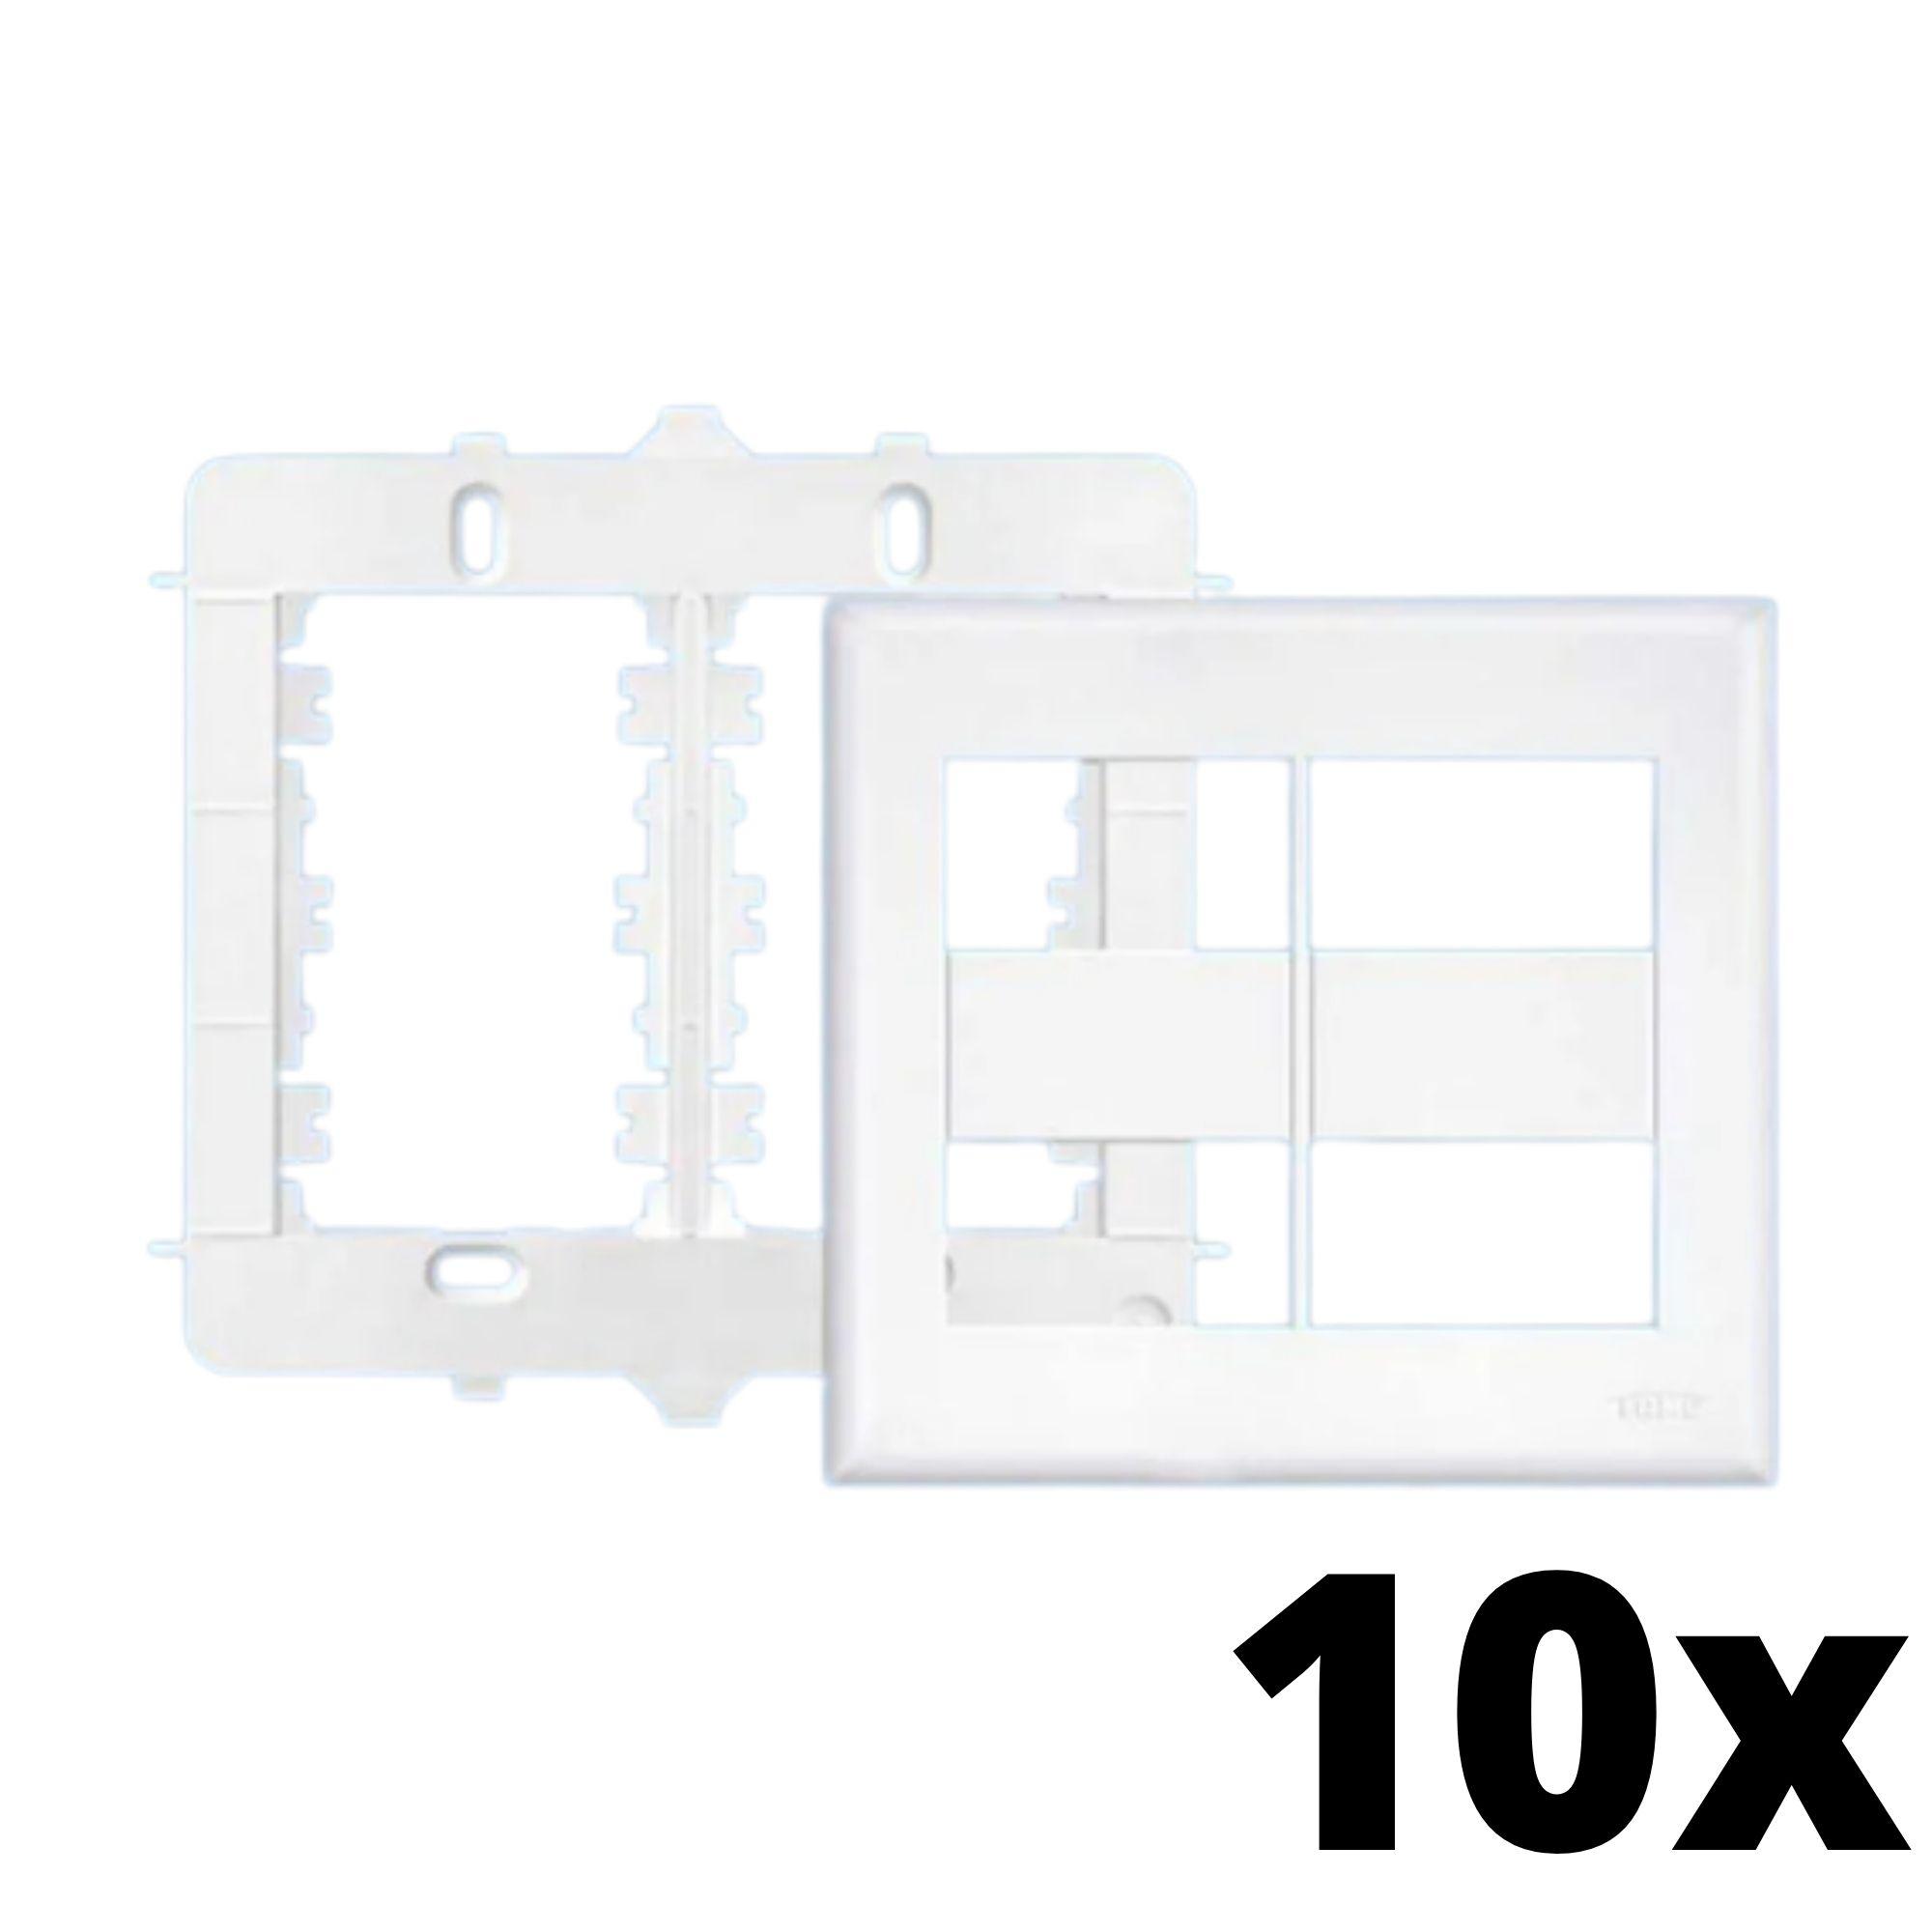 Kit 10 und Evidence Placa 4x4 2 Seções + 2 Seções